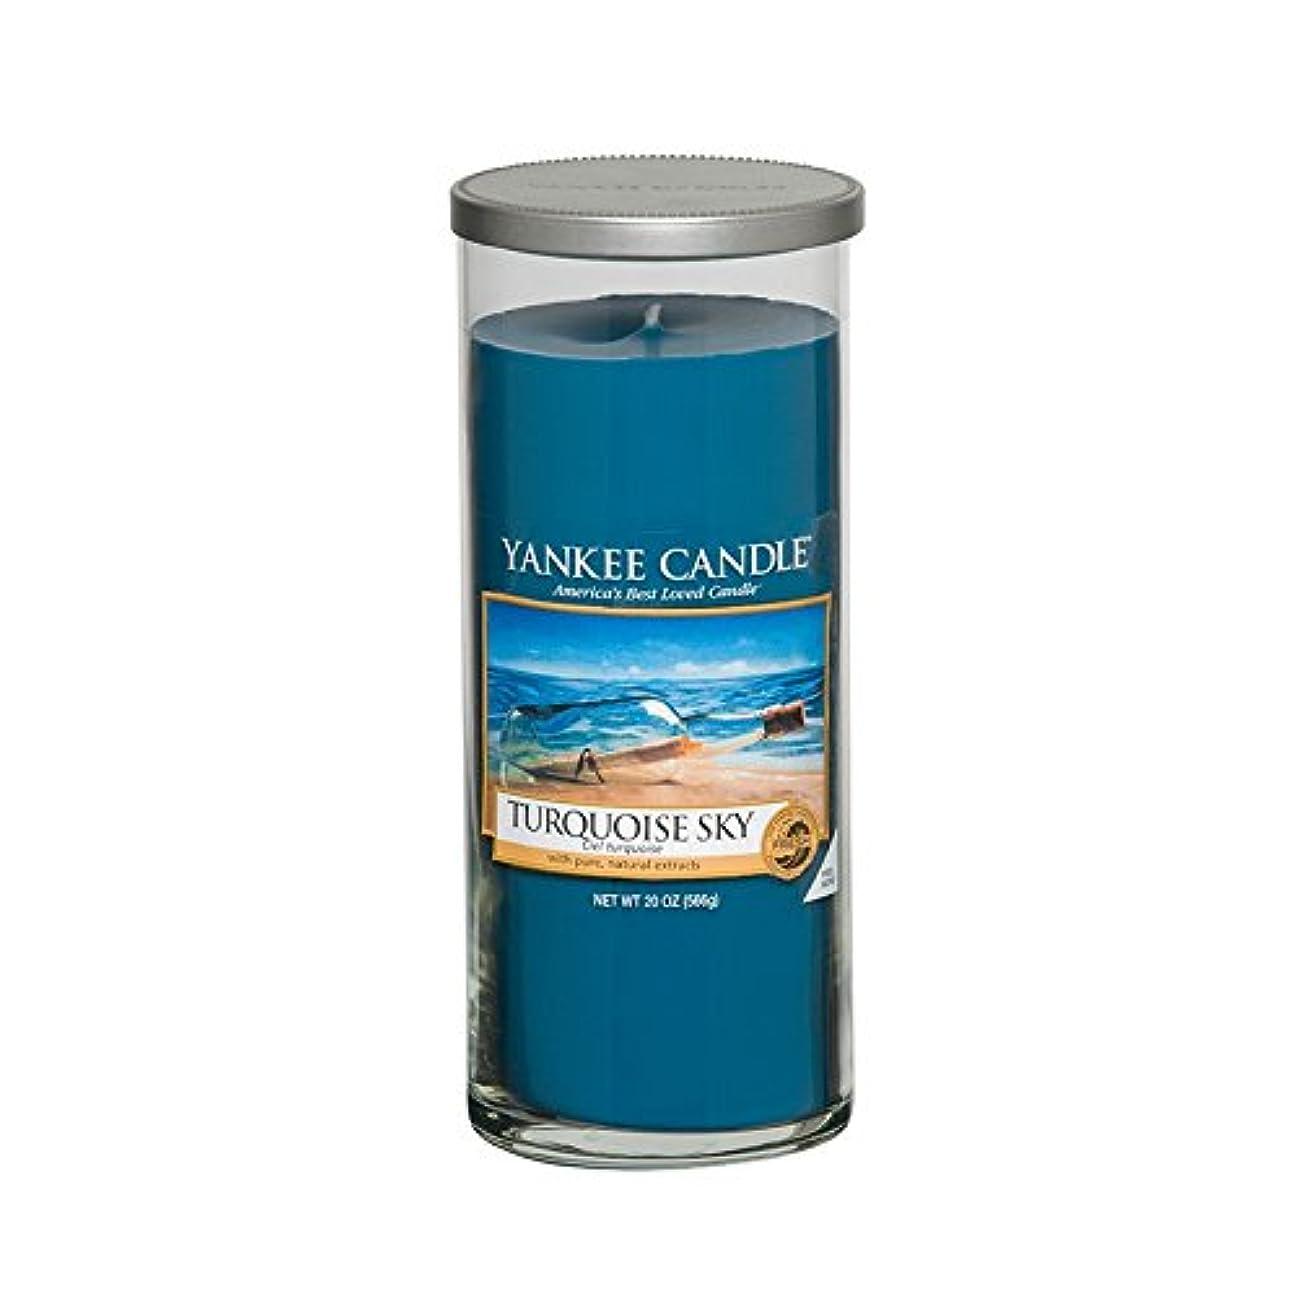 アンテナ明るい番号ヤンキーキャンドル大きな柱キャンドル - ターコイズの空 - Yankee Candles Large Pillar Candle - Turquoise Sky (Yankee Candles) [並行輸入品]